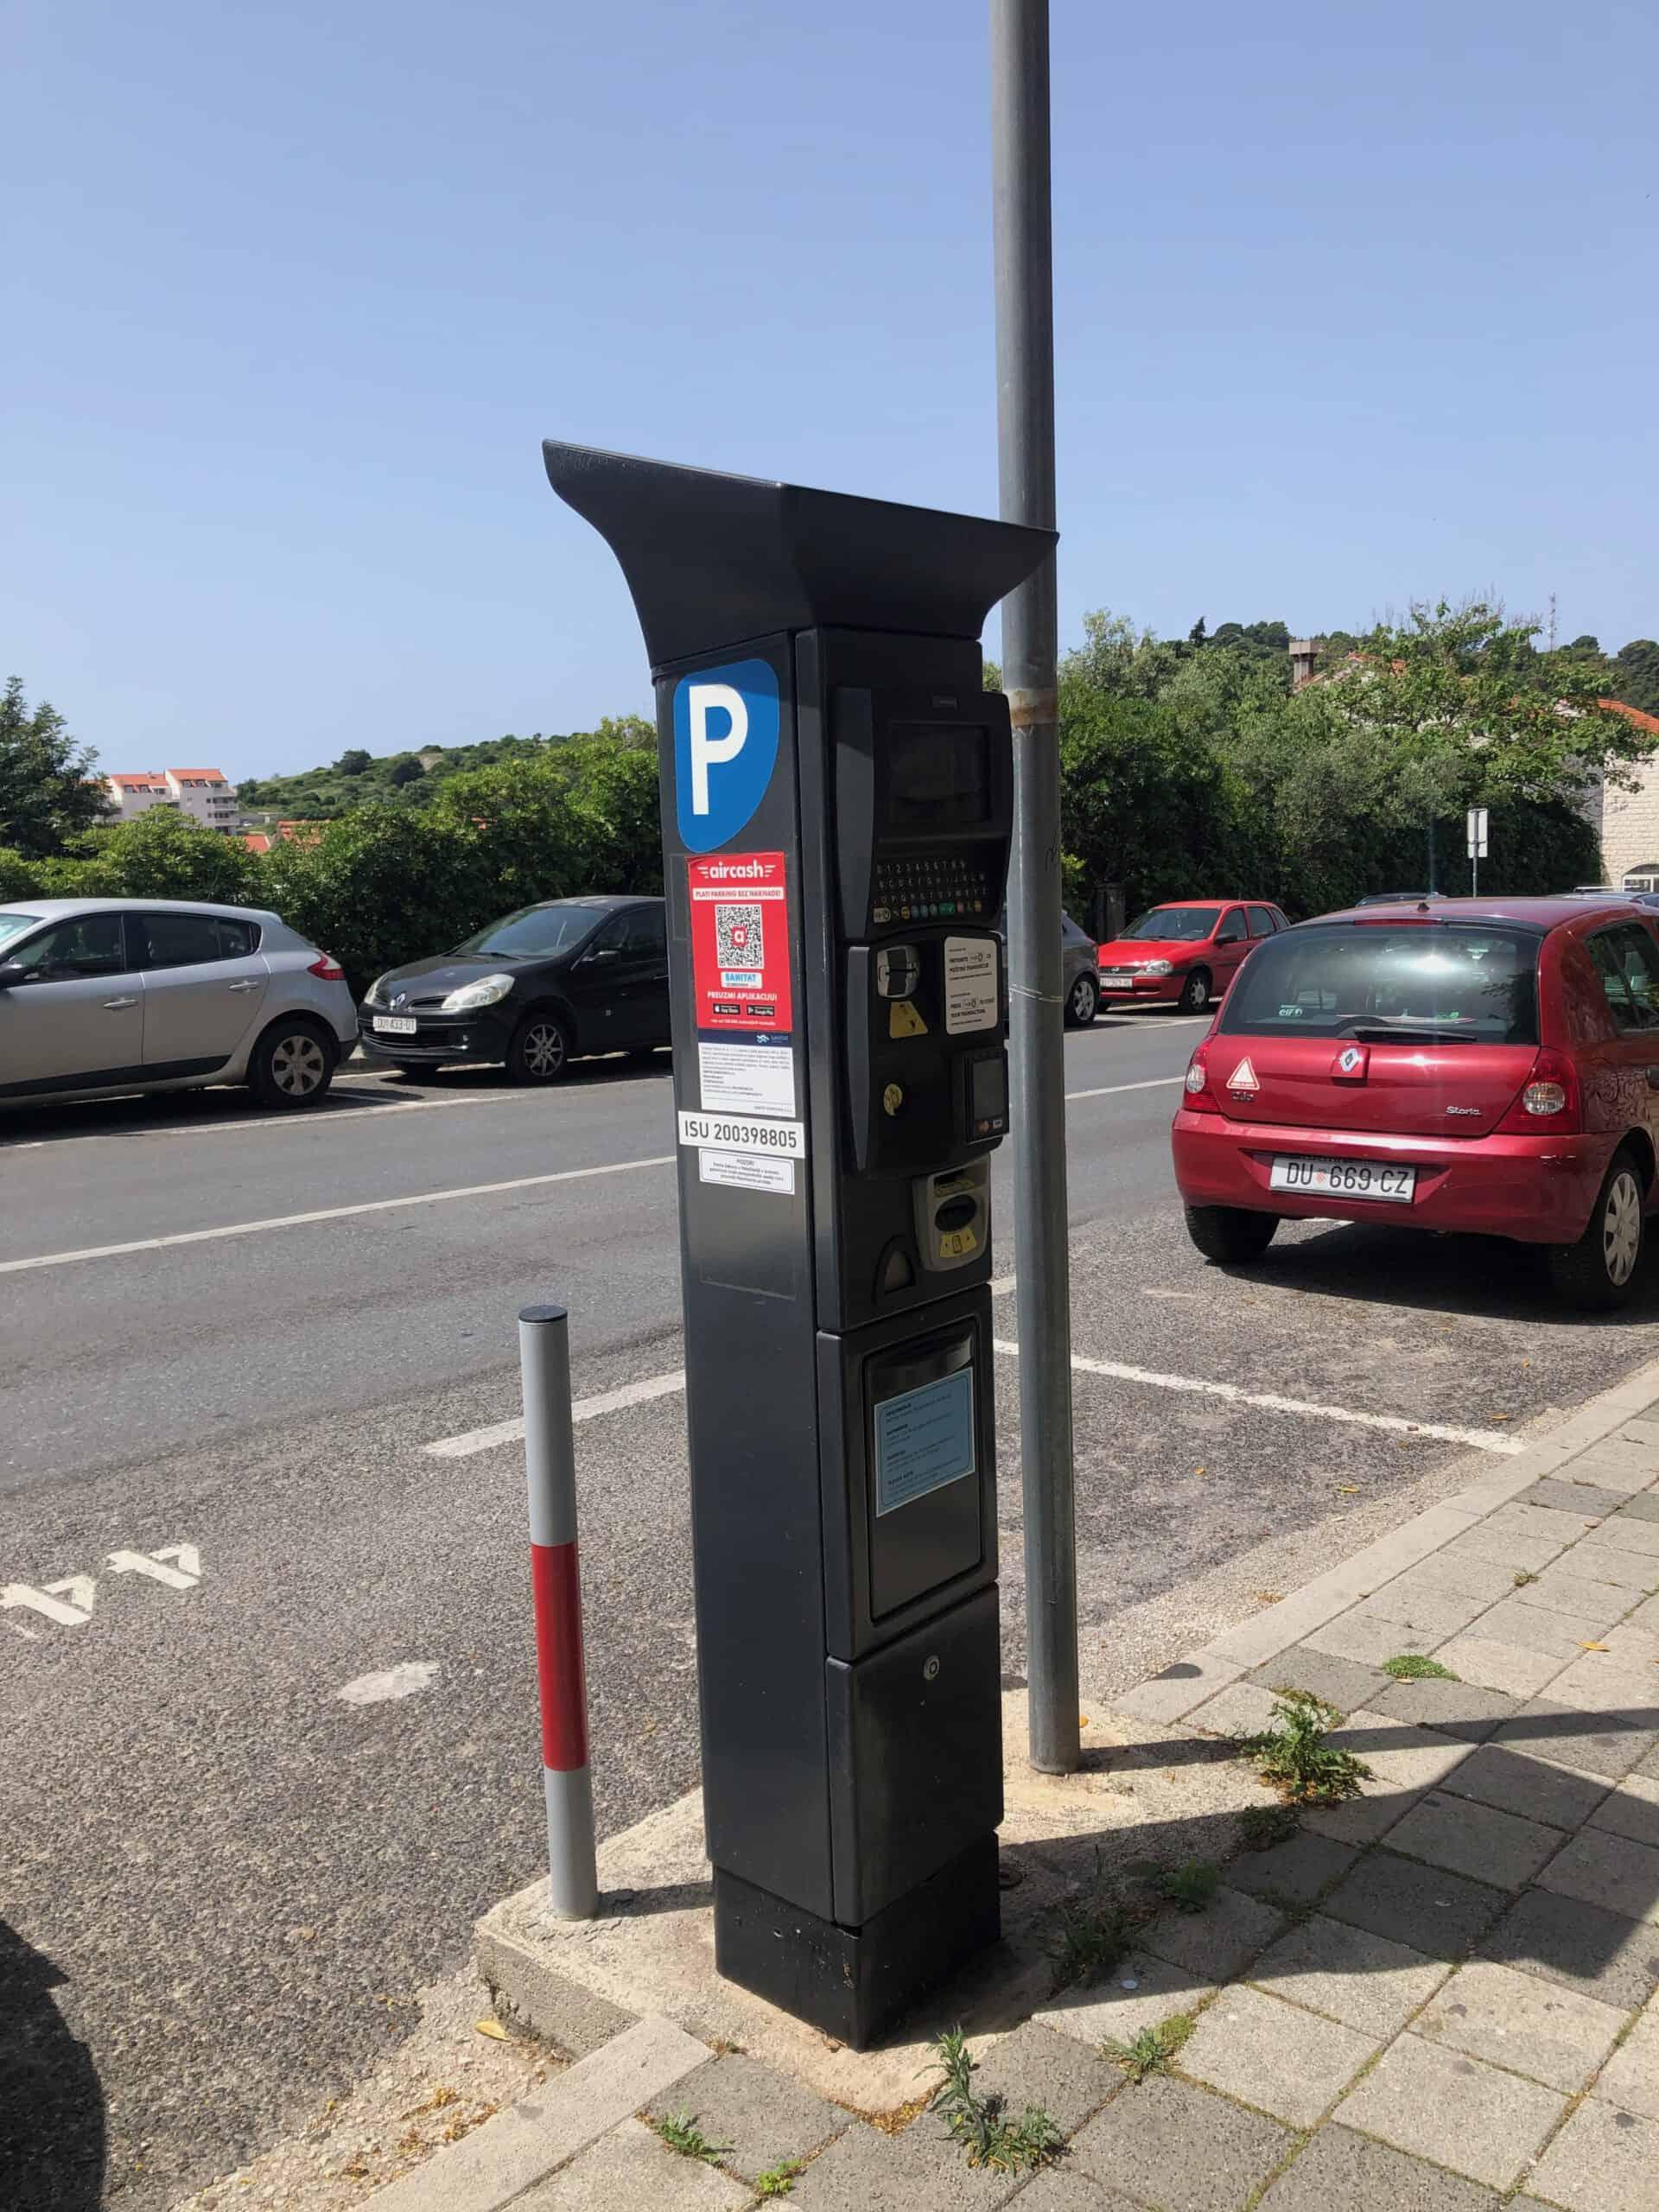 Betaalautomaat parking Dubrovnik